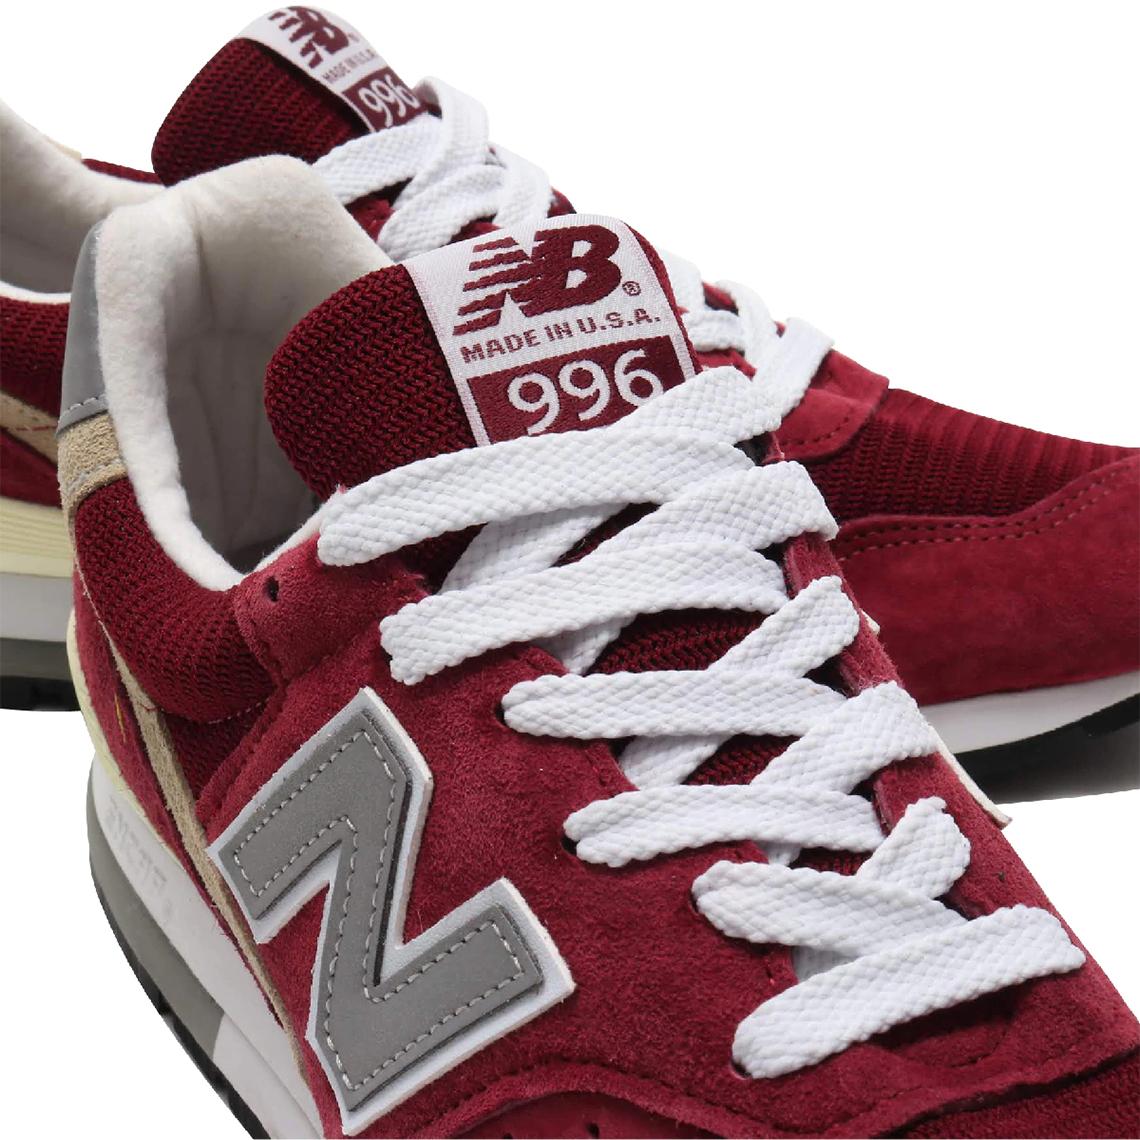 new balance 996 bordeaux